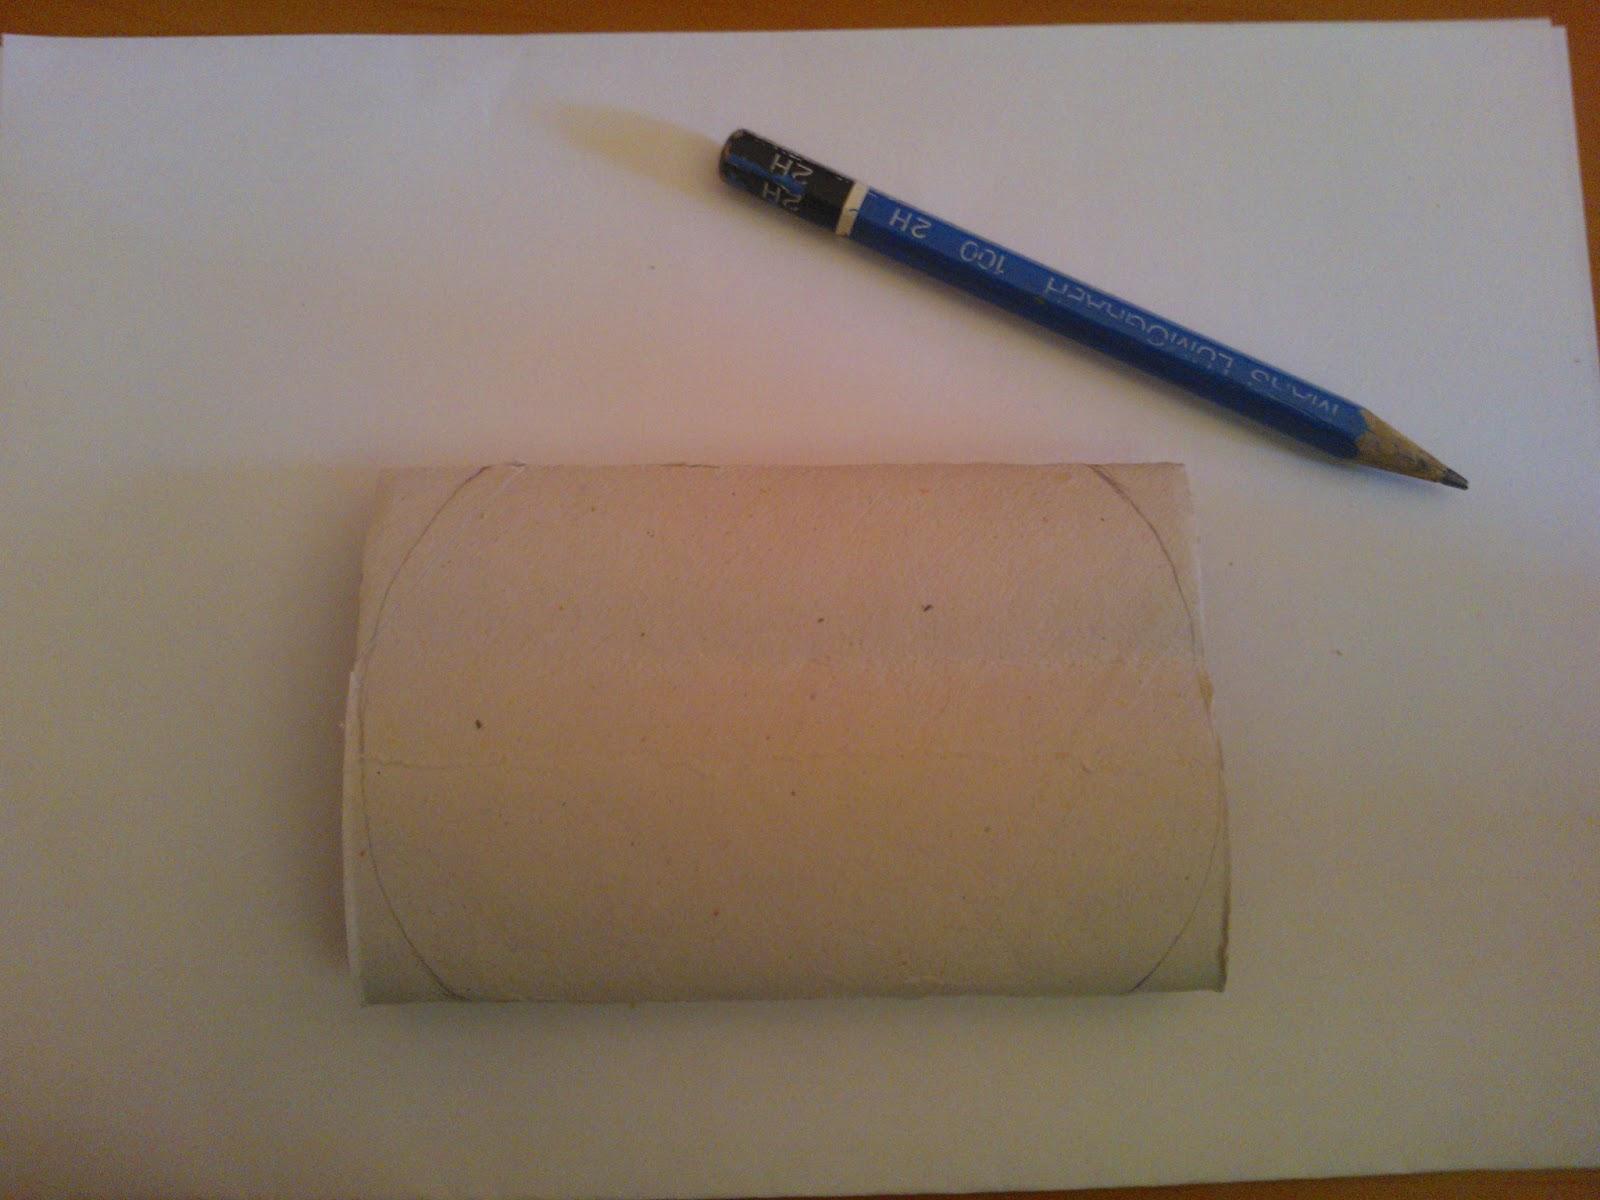 Rotoli di carta regalo : L angolo nascosto di fiamma confezione regalo con un rotolo